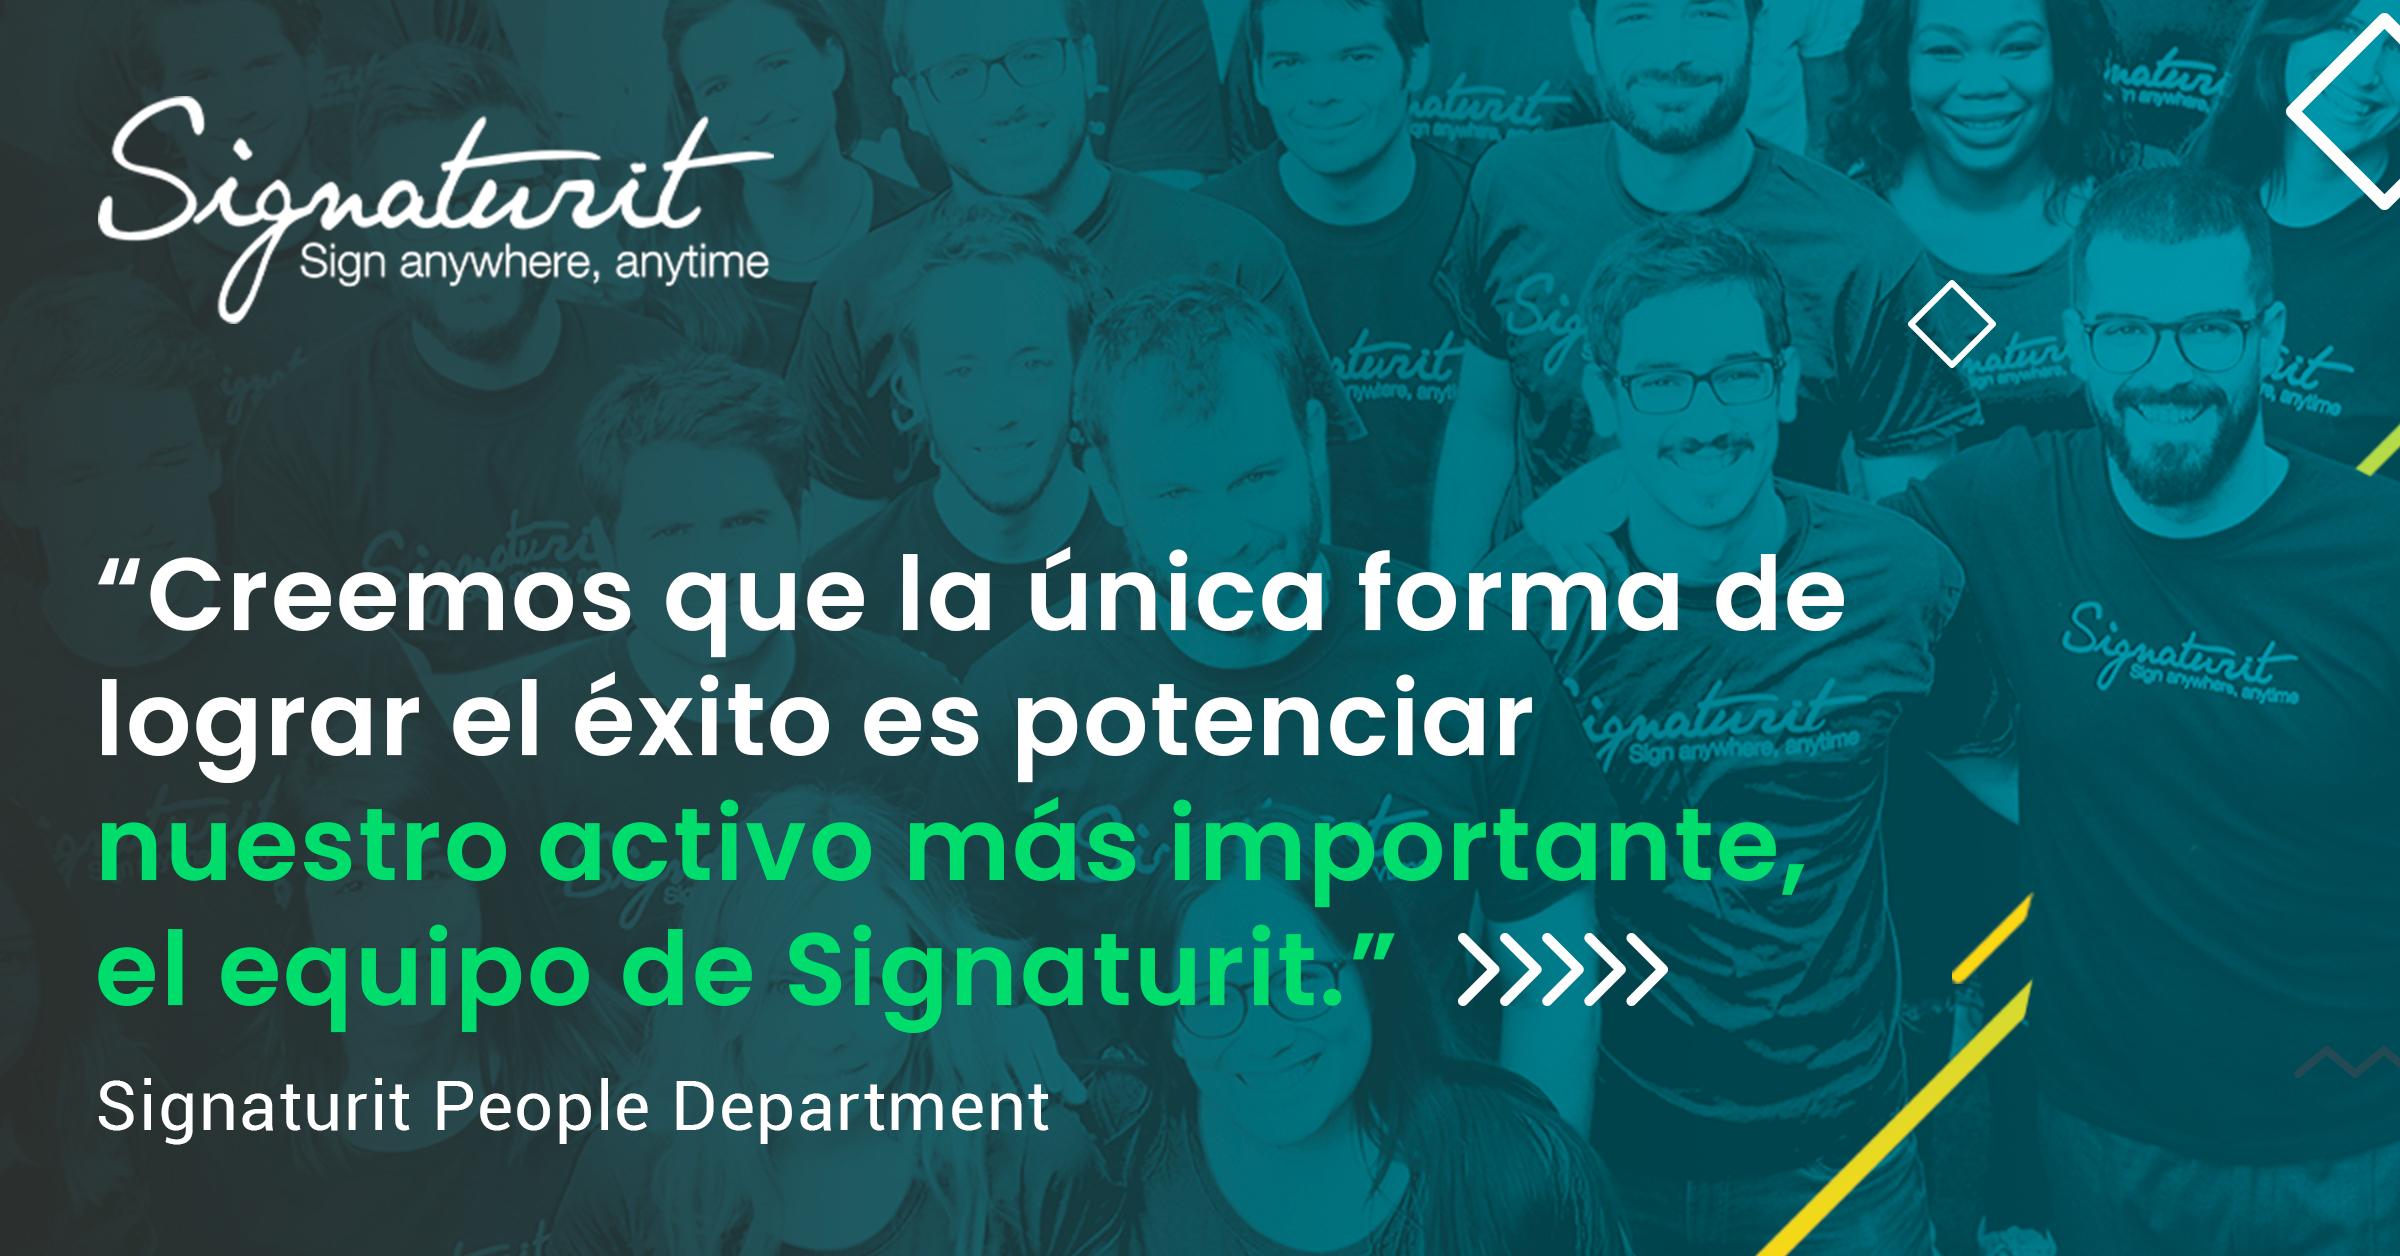 II Manifiesto de Signaturit: crear líderes, no jefes